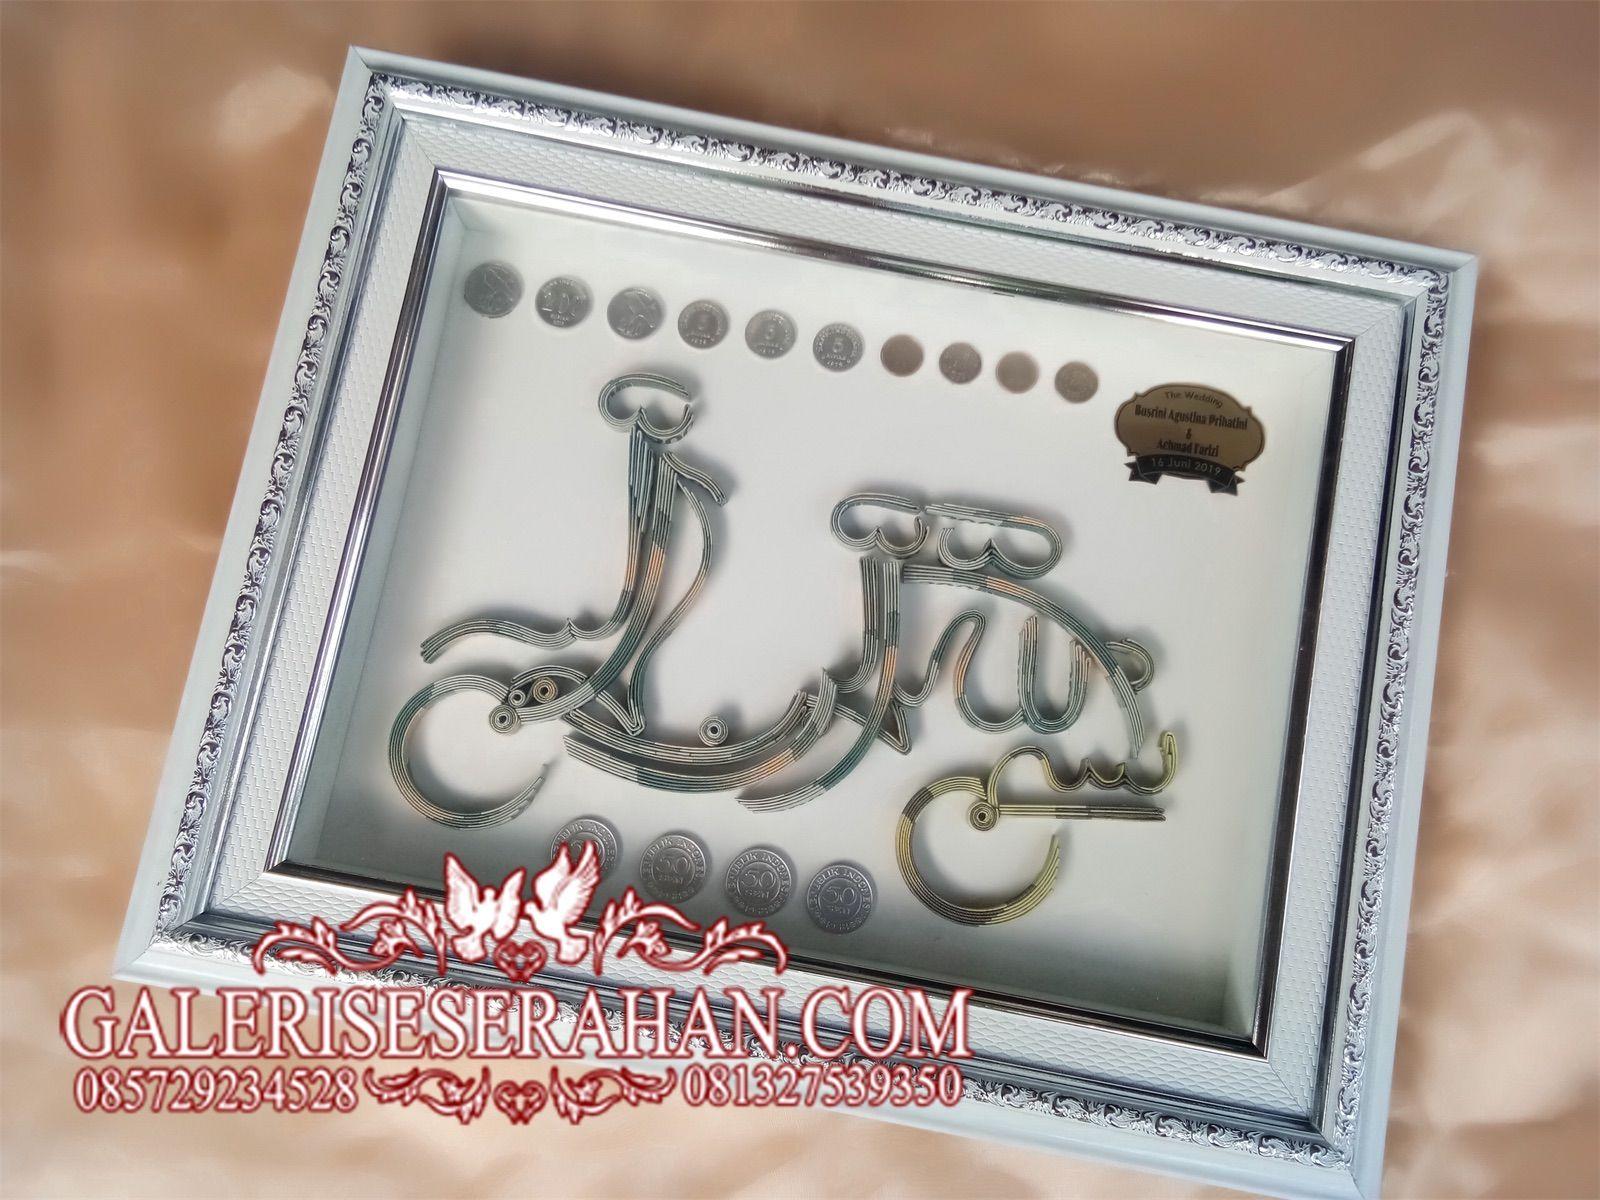 Mahar uang dengan bentuk kaligrafi bismillah vespa dengan